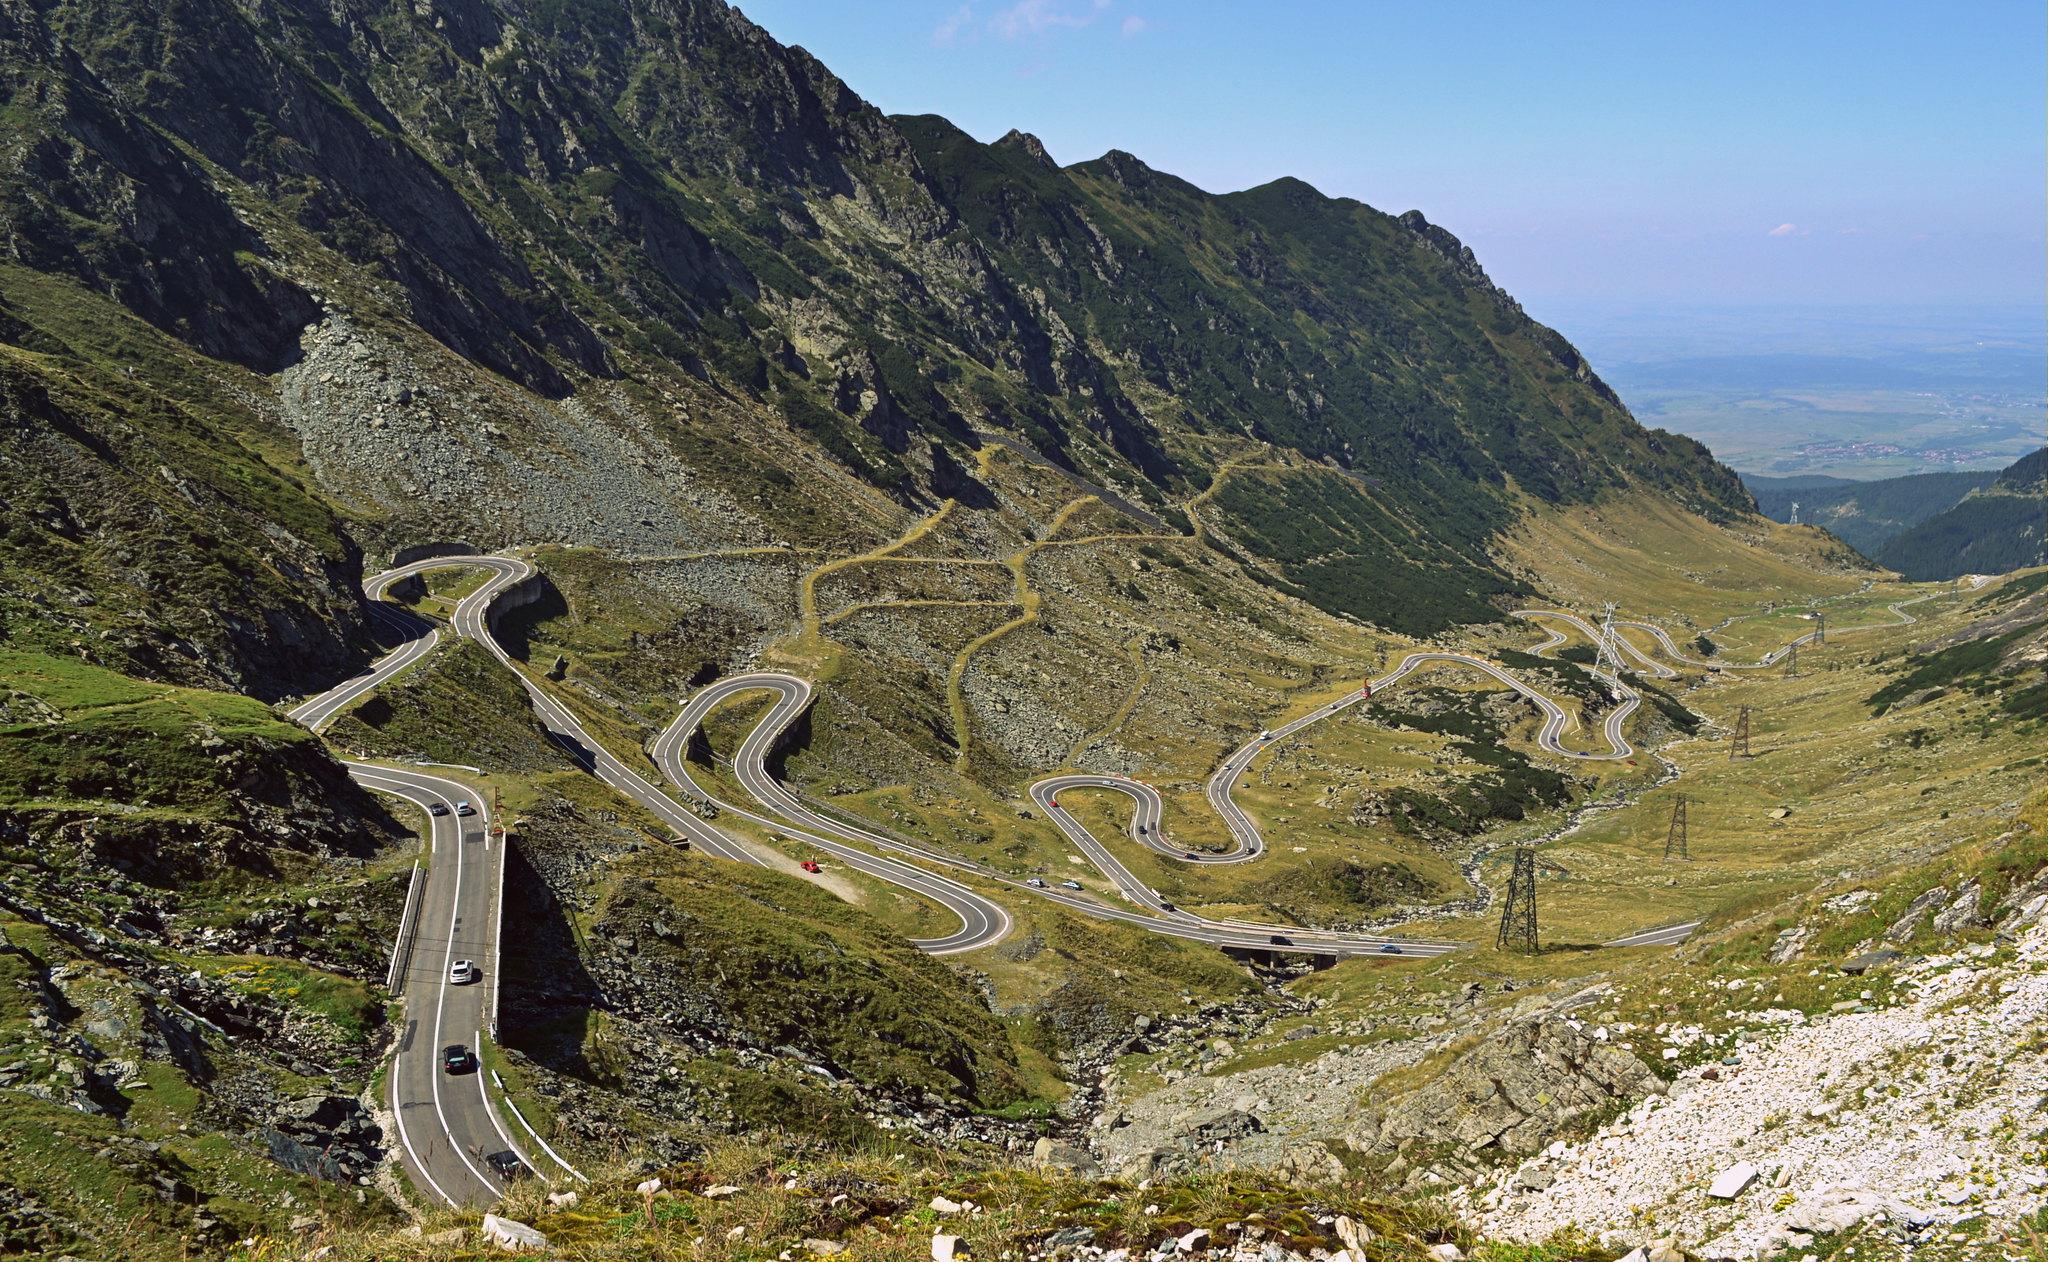 Transfagarasan Pass